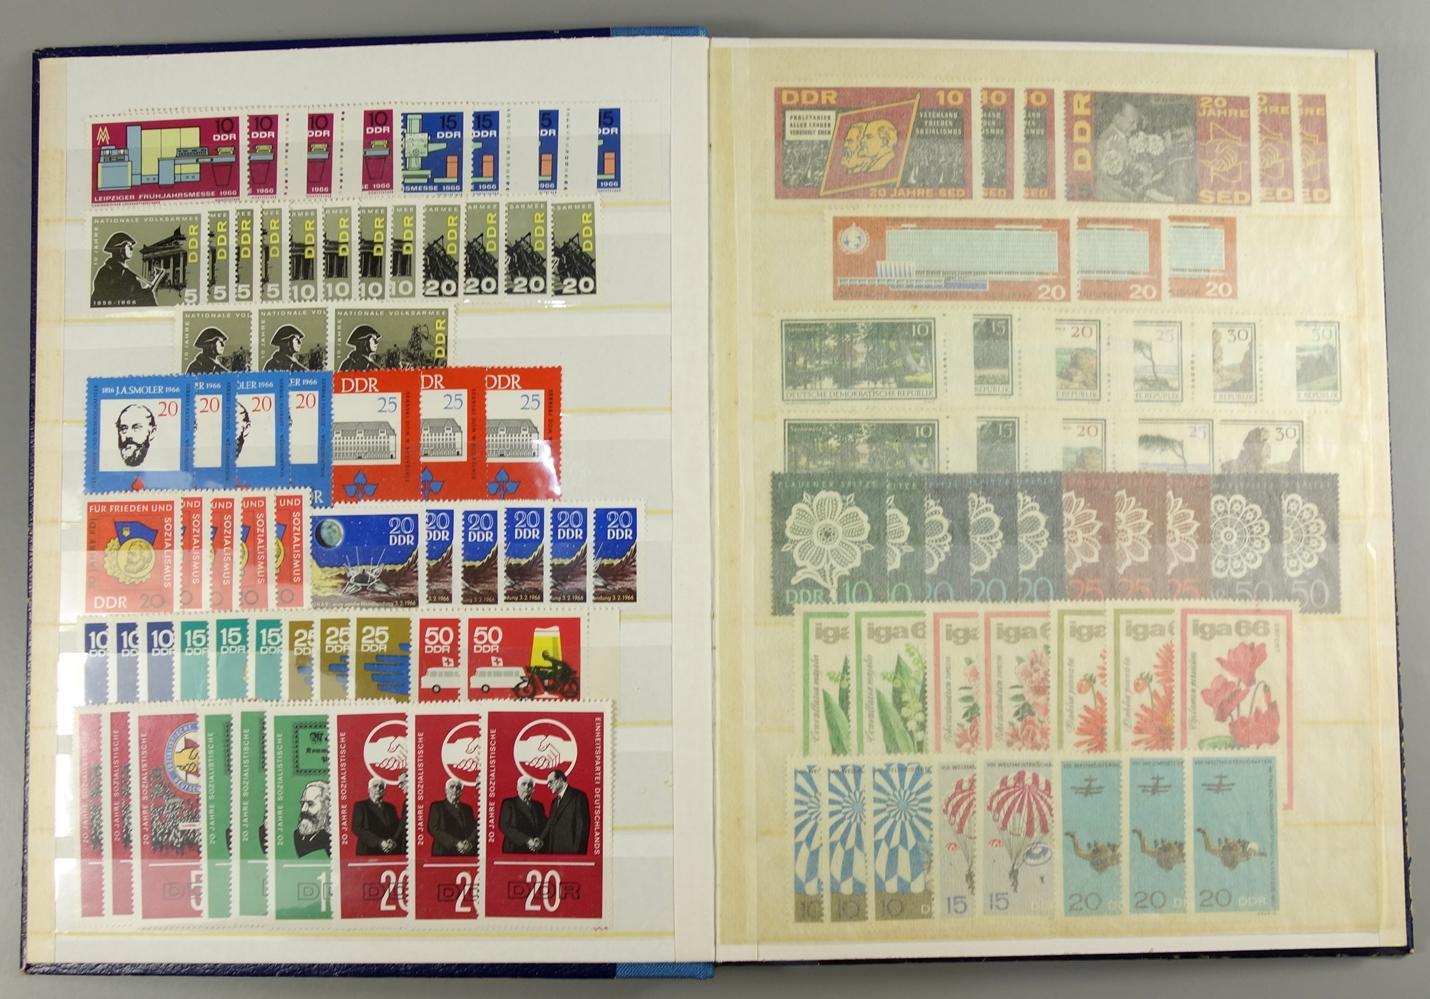 Briefmarken DDR 1950 bis um 1980, 7 Alben postfrisch, auch gestempelt, viele Sätze doppeltPostage - Bild 3 aus 4